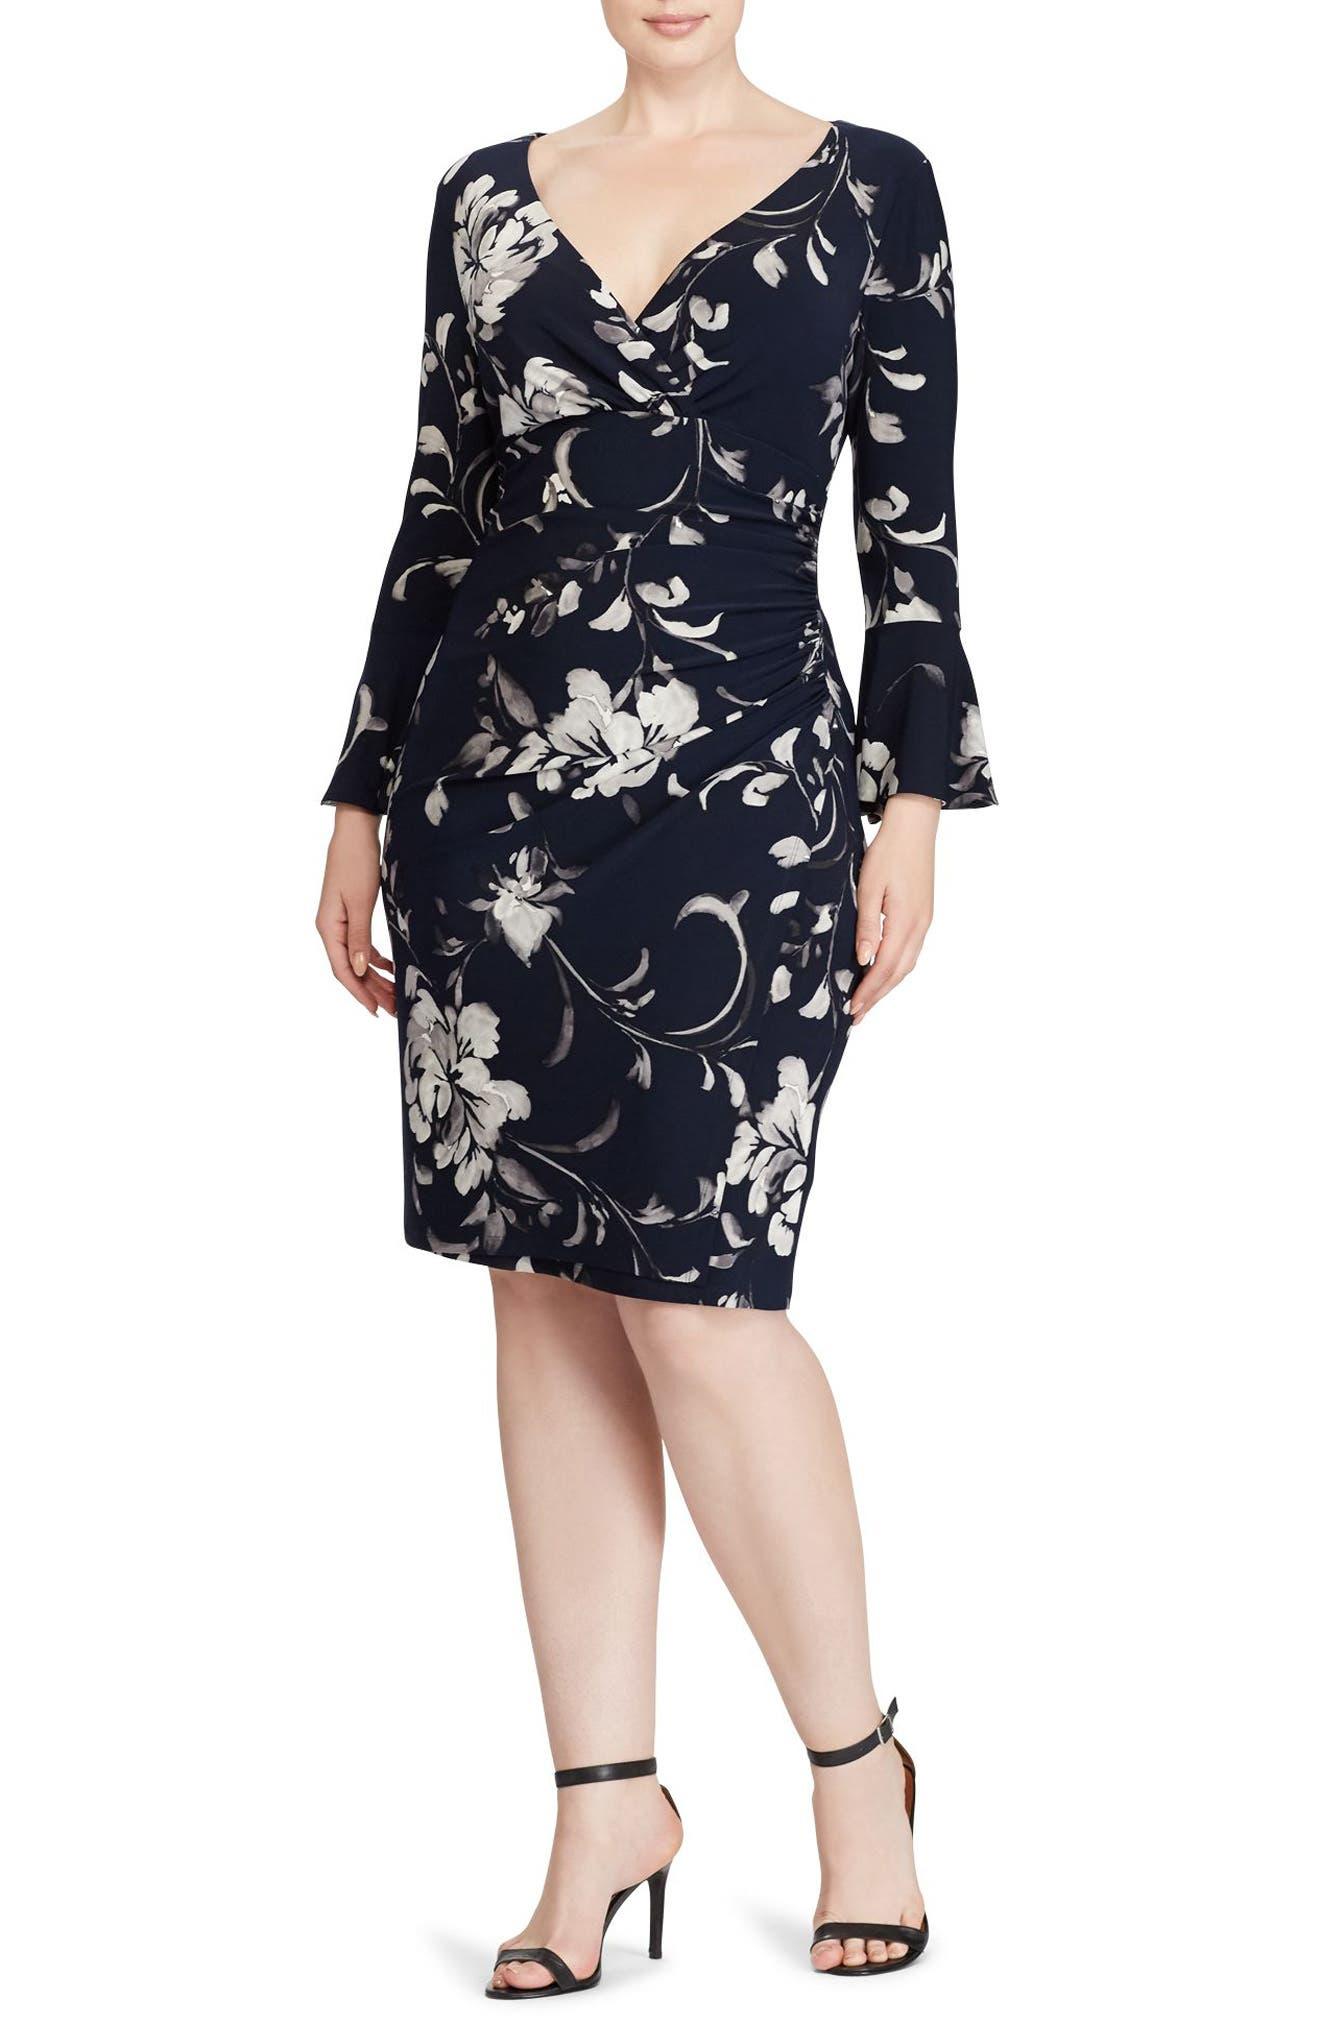 LAUREN RALPH LAUREN Floral Bell Sleeve Jersey Dress